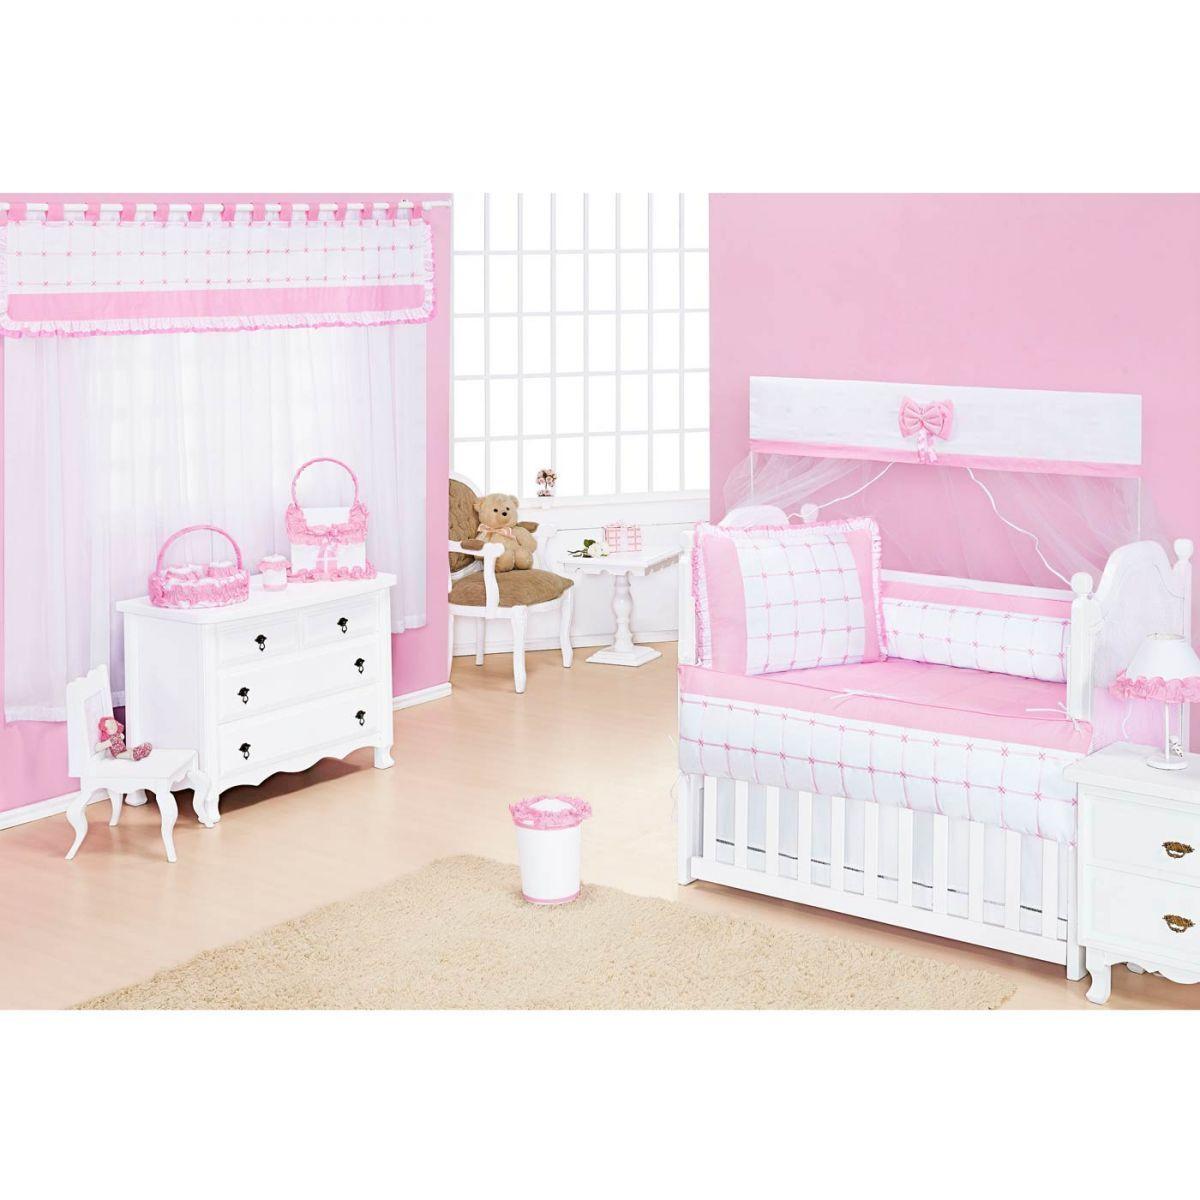 Farmacinha Enfeitada para Quarto de Bebê Coleção Encanto - Rosa